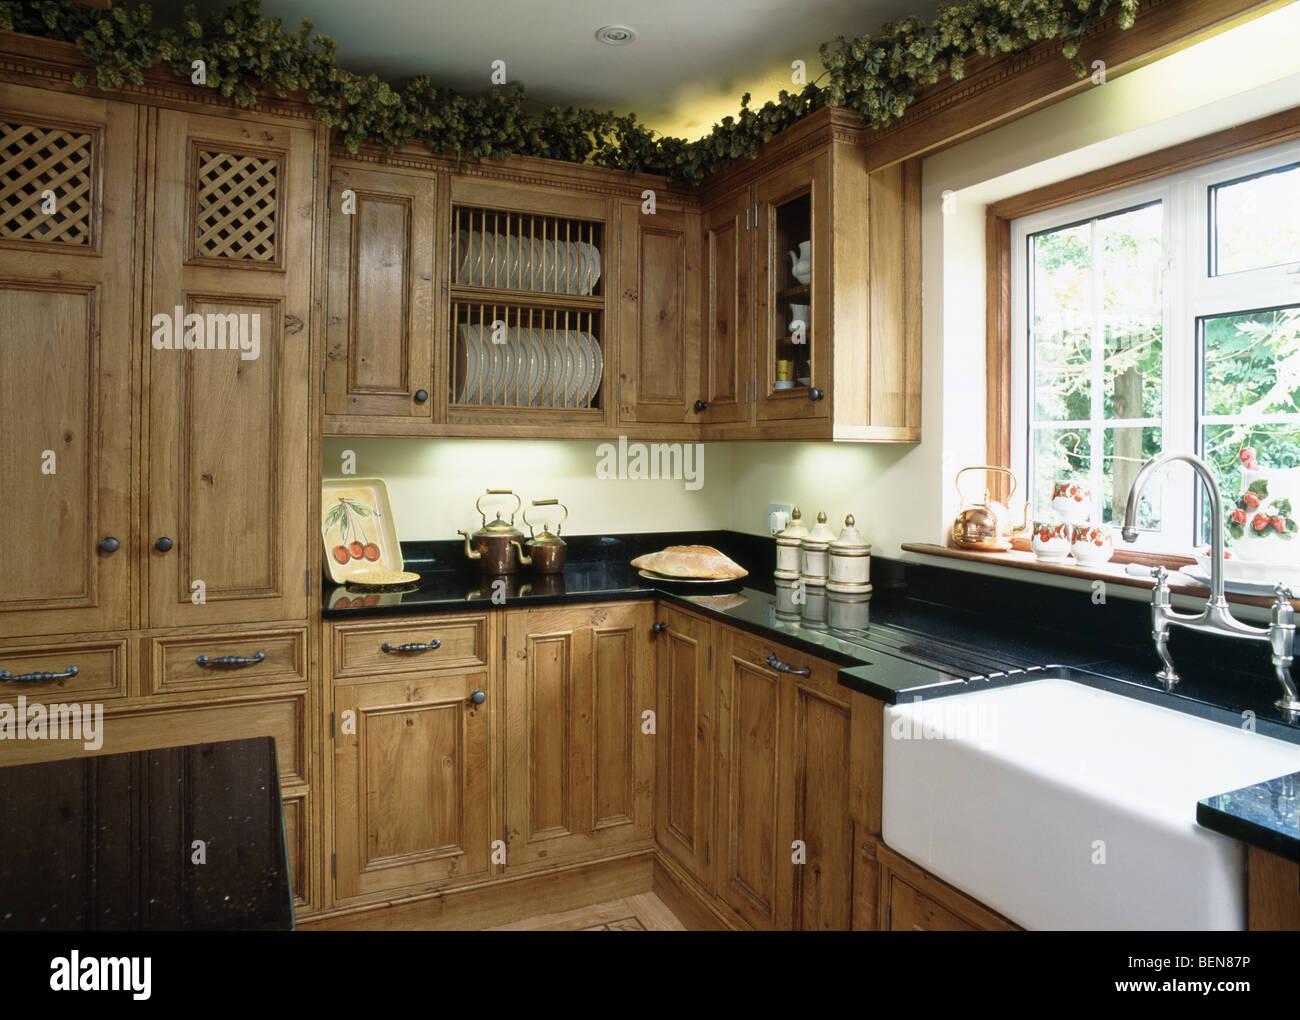 belfast waschbecken unter fenster im landhaus k che mit eingebauten eiche einheiten stockfoto. Black Bedroom Furniture Sets. Home Design Ideas